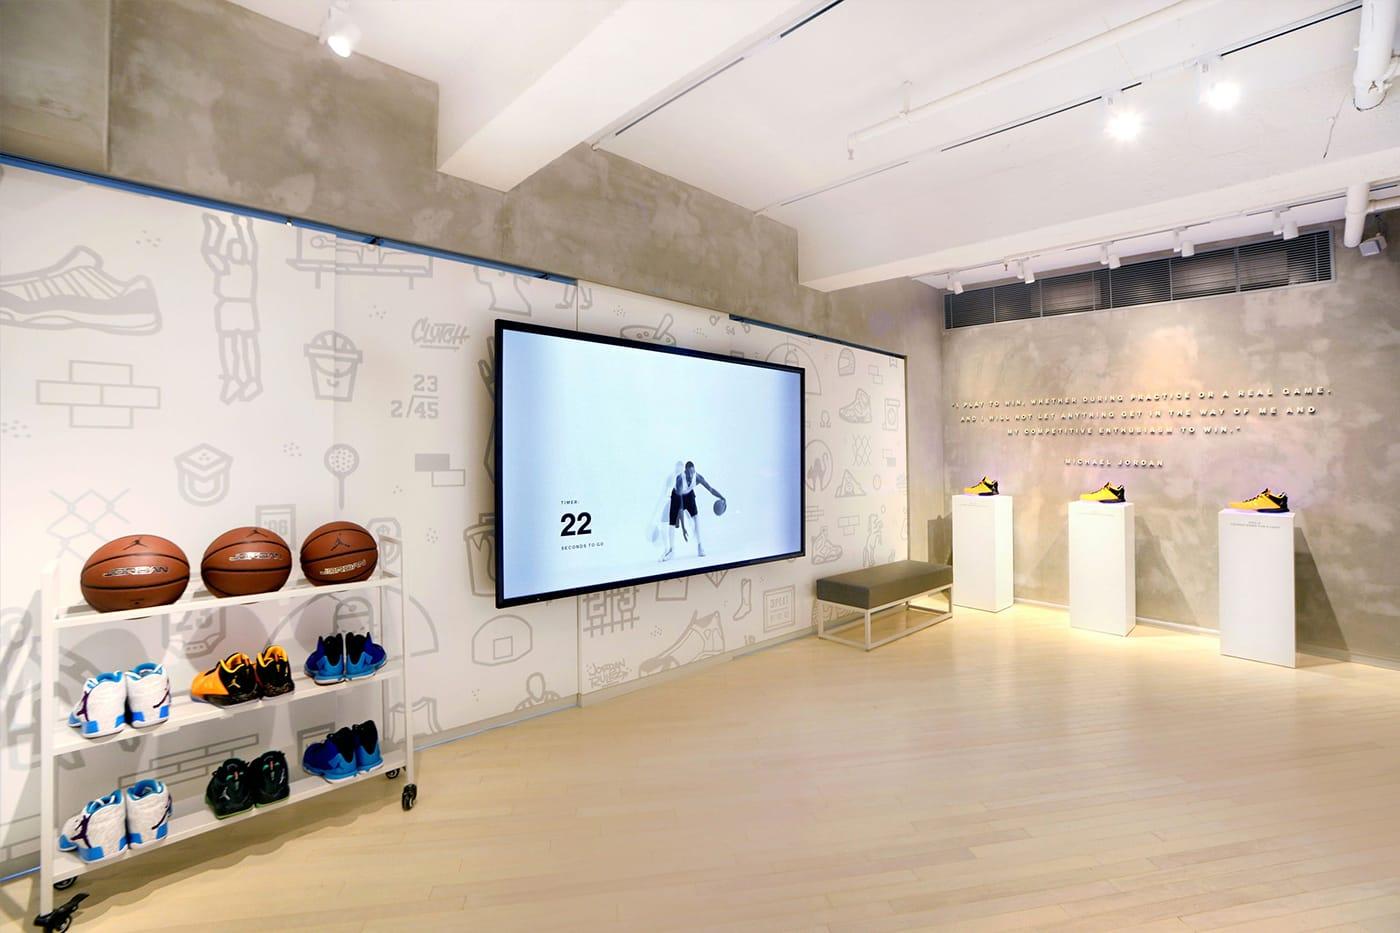 Hong Kong Air Jordan Store | HYPEBEAST